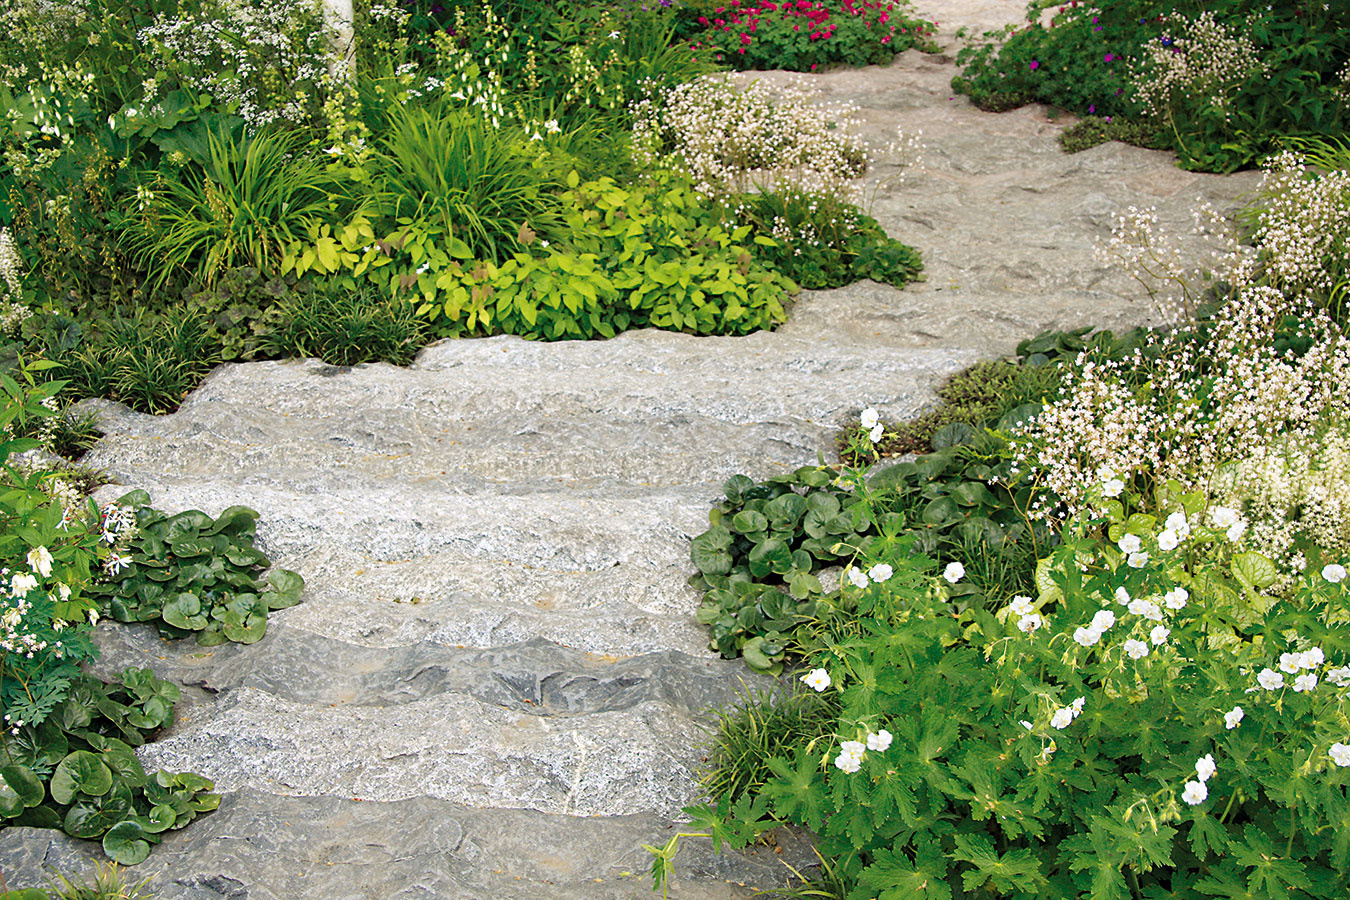 Betónový chodník môže mať podobu zurčiaceho potoka. Chôdza po ňom síce nie je najpohodlnejšia anenáročná nie je ani údržba, vmenej využívanej časti záhrady však môže predstavovať nevšedné spestrenie.